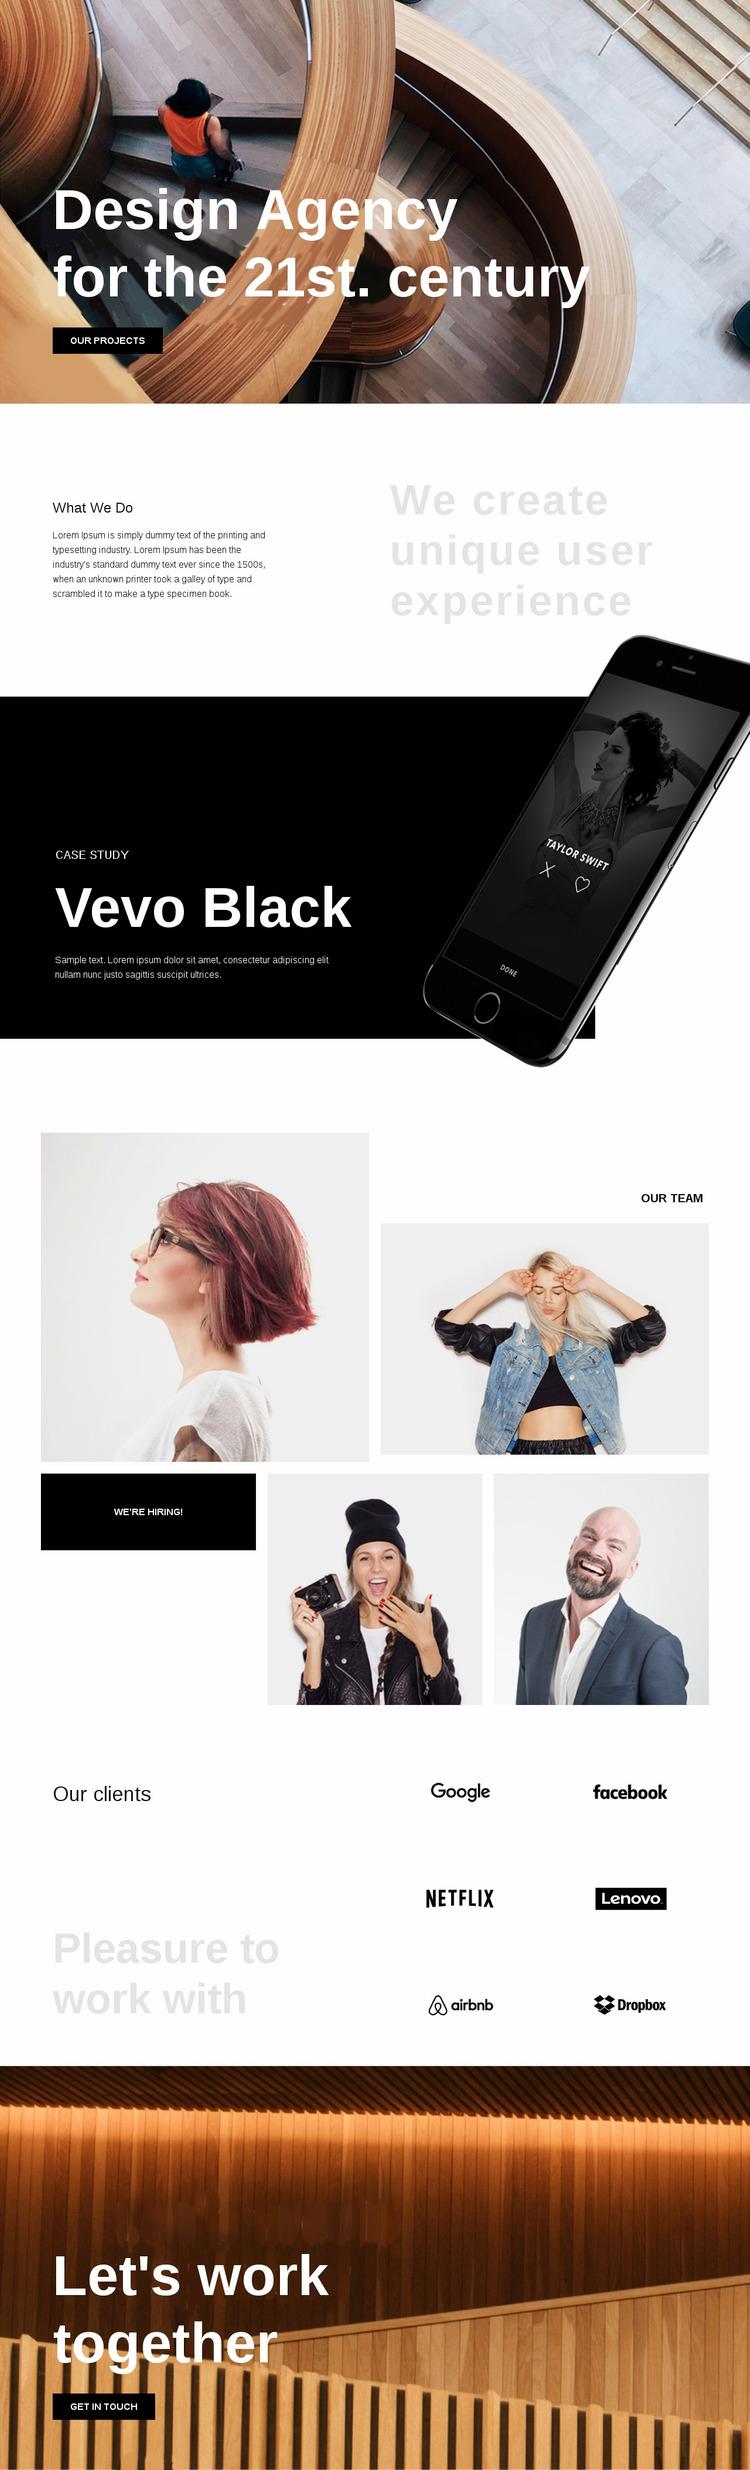 Design Agency Website Mockup